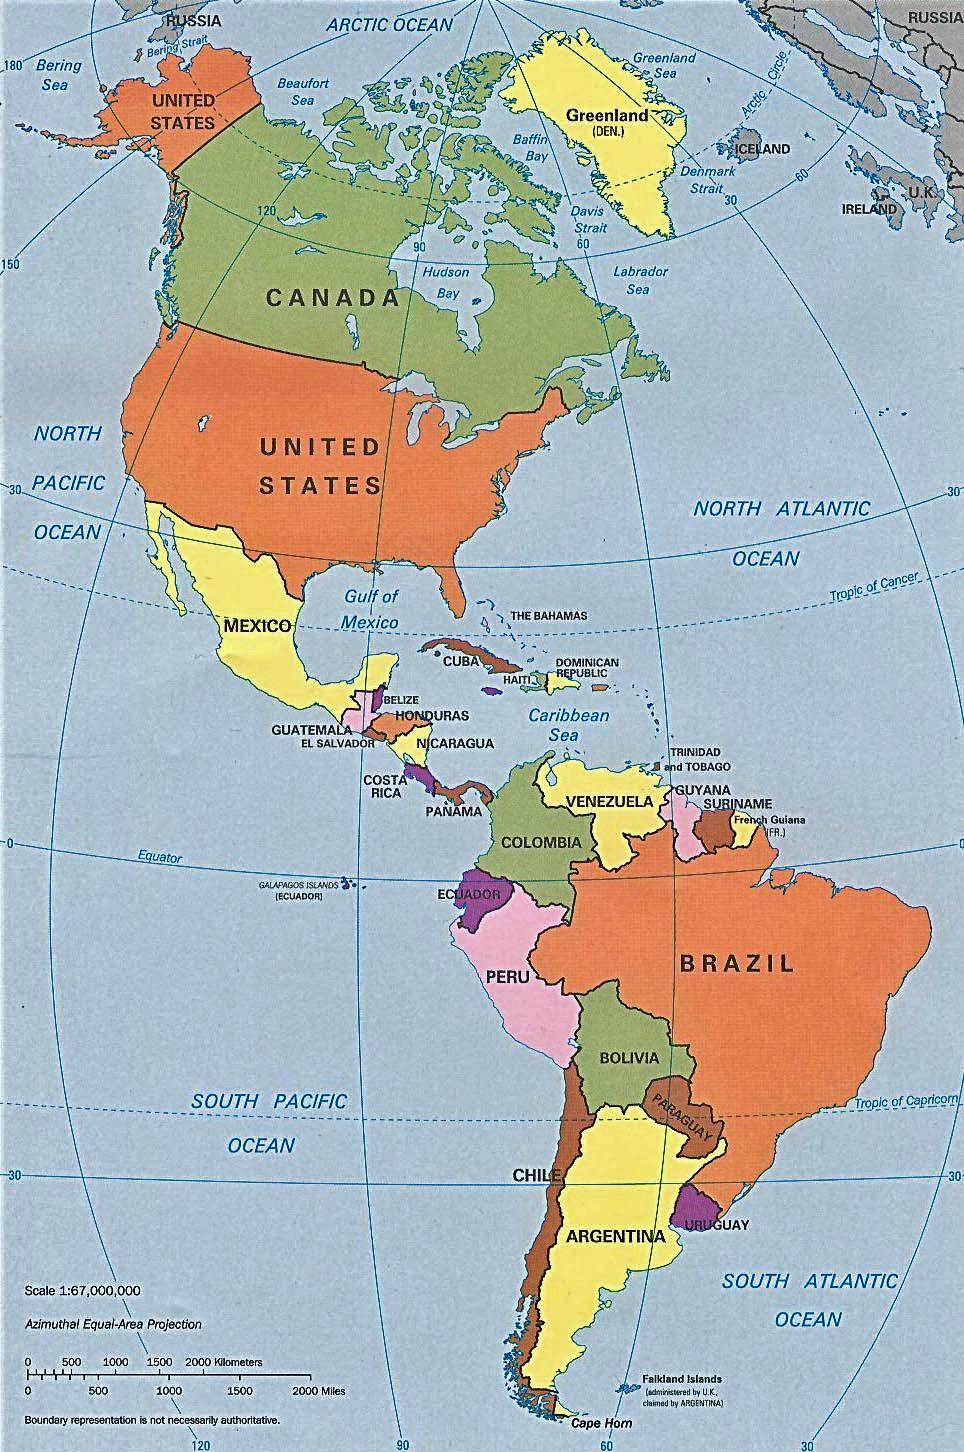 Letak Astronomis Benua Amerika : letak, astronomis, benua, amerika, Geografi, Benua, Amerika